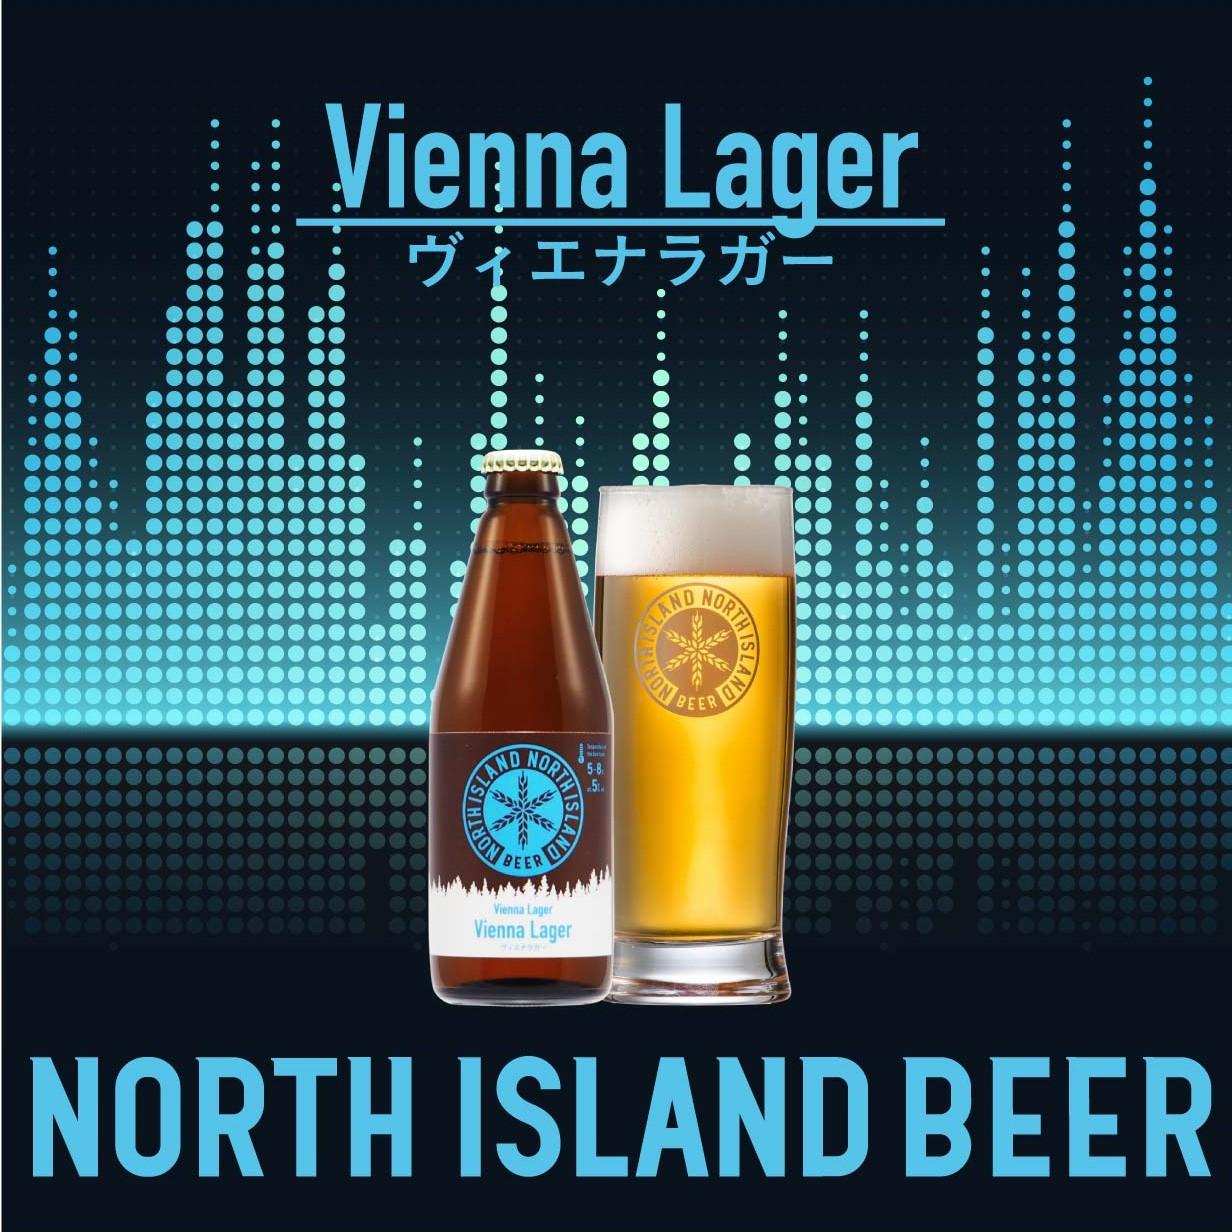 限定ビール ヴィエナラガー 6本セット